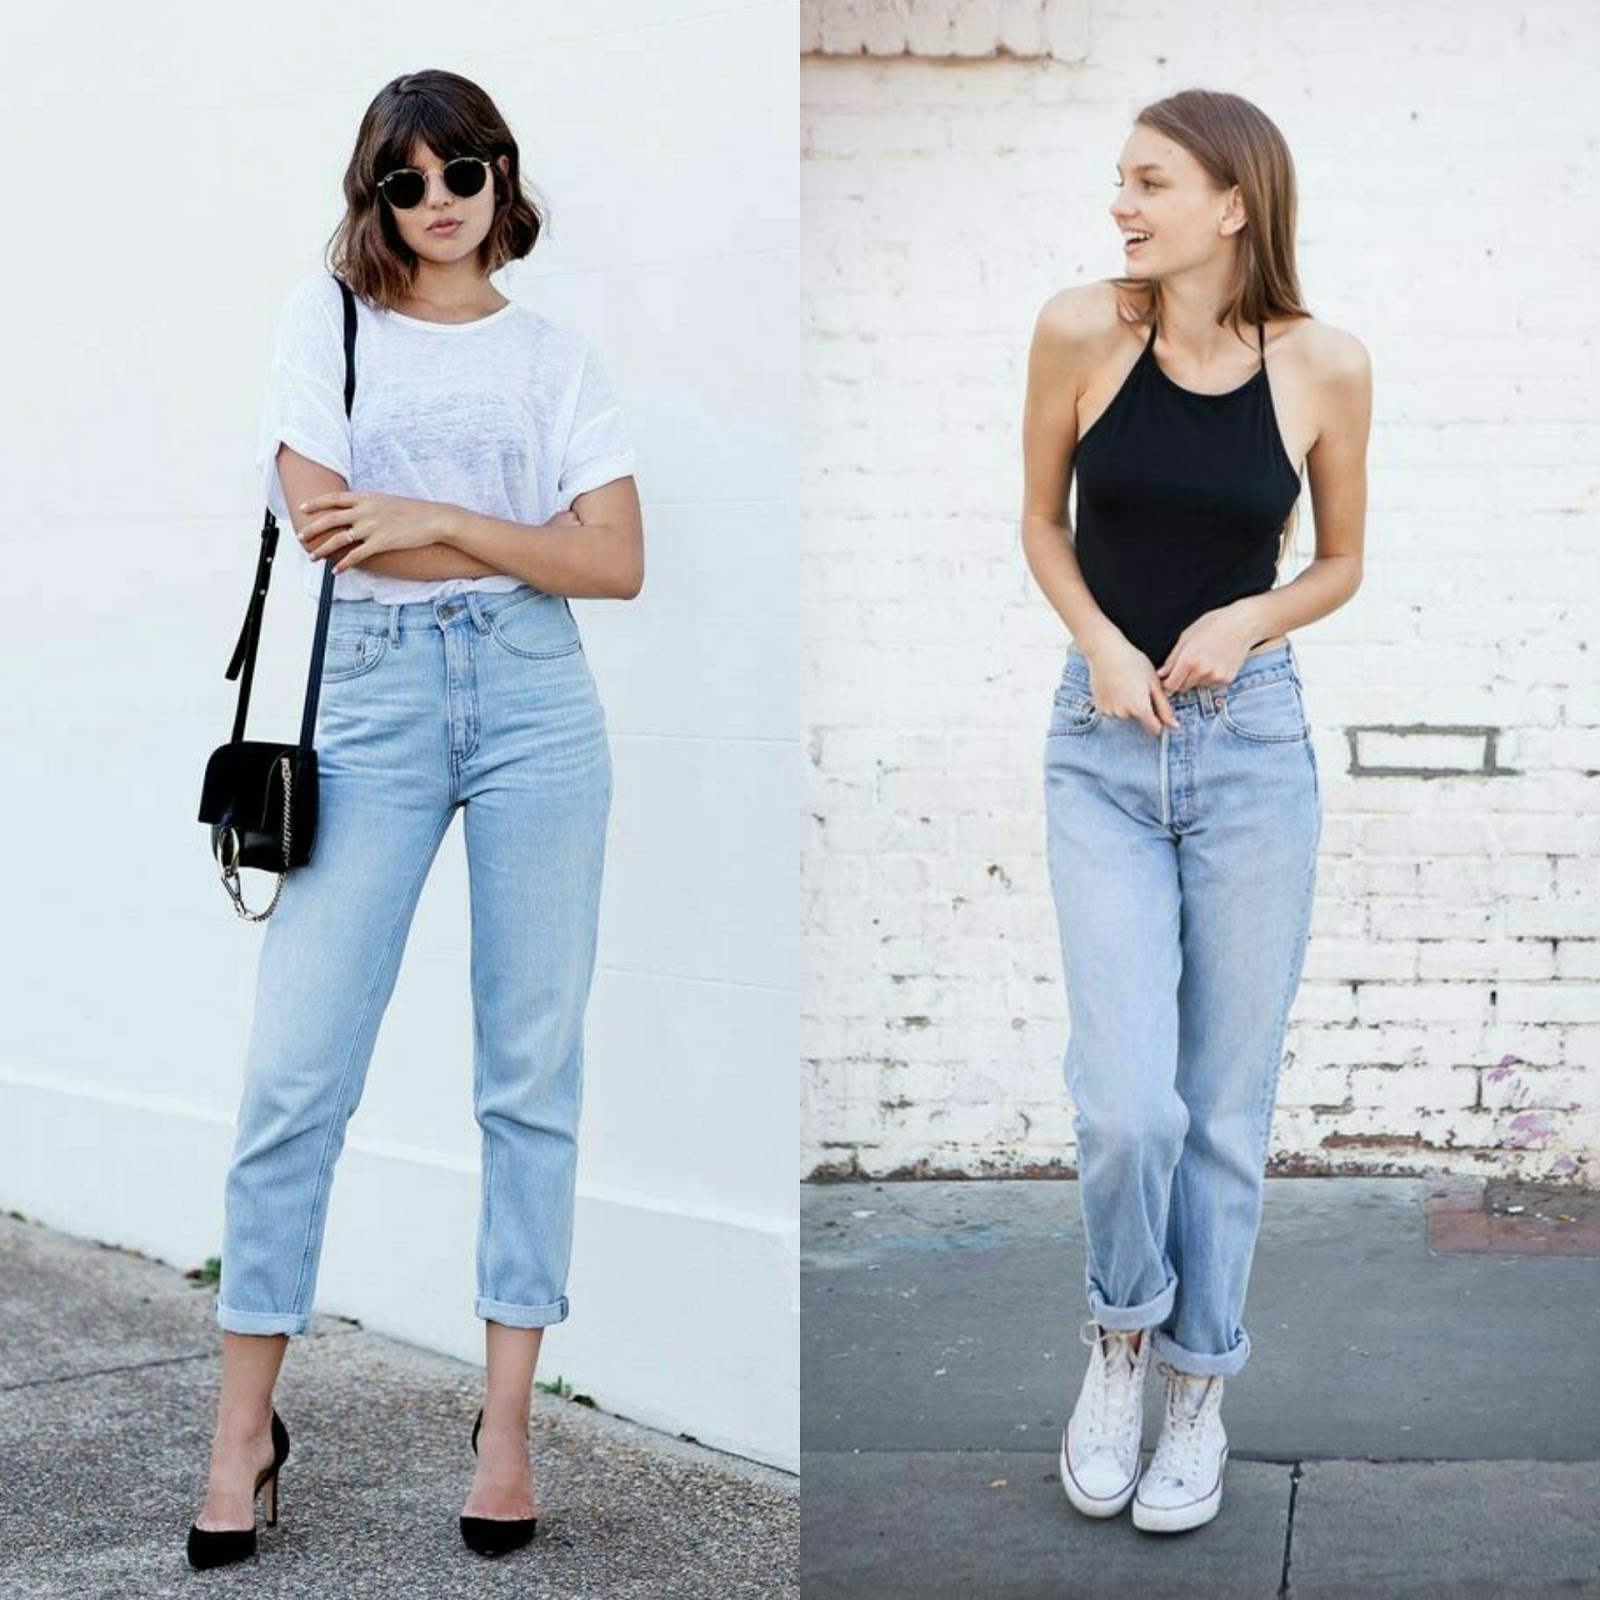 6c6888f64 ... tá sem ideia e só pensa em um look básico: camiseta branca ou regatinha  preta? As calças mom jeans são essenciais para deixar esse tipo de look mais  ...